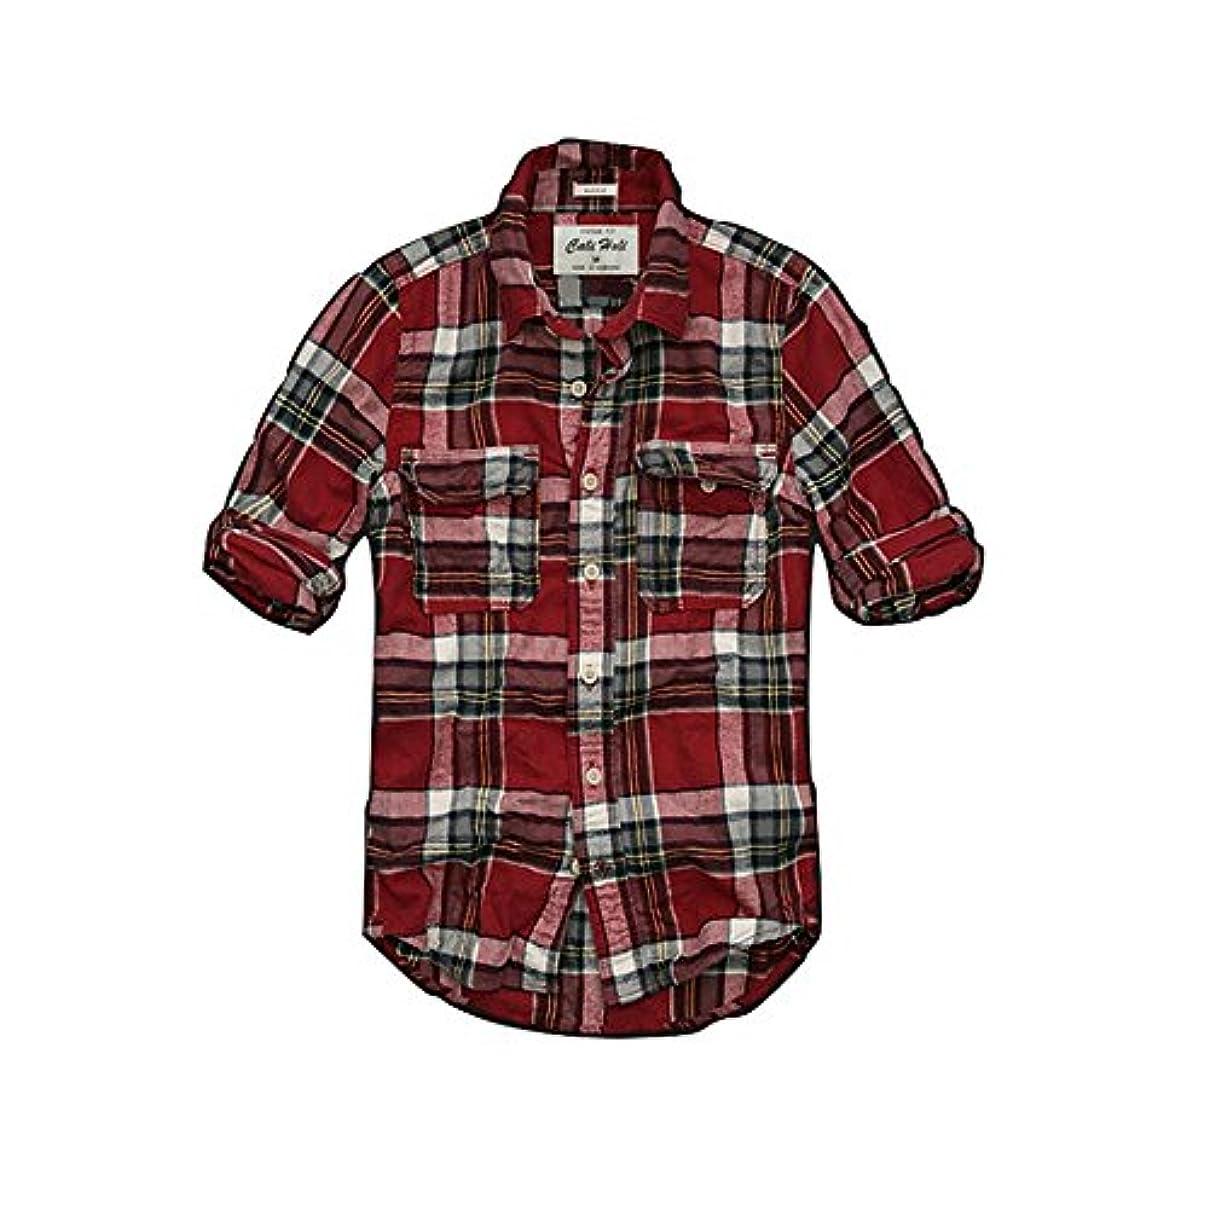 ベッドを作る盗難大混乱カリホリ(Cali Holi) ネルシャツ メンズ 長袖 大きいサイズ カジュアル チェック 秋 アメカジの王道